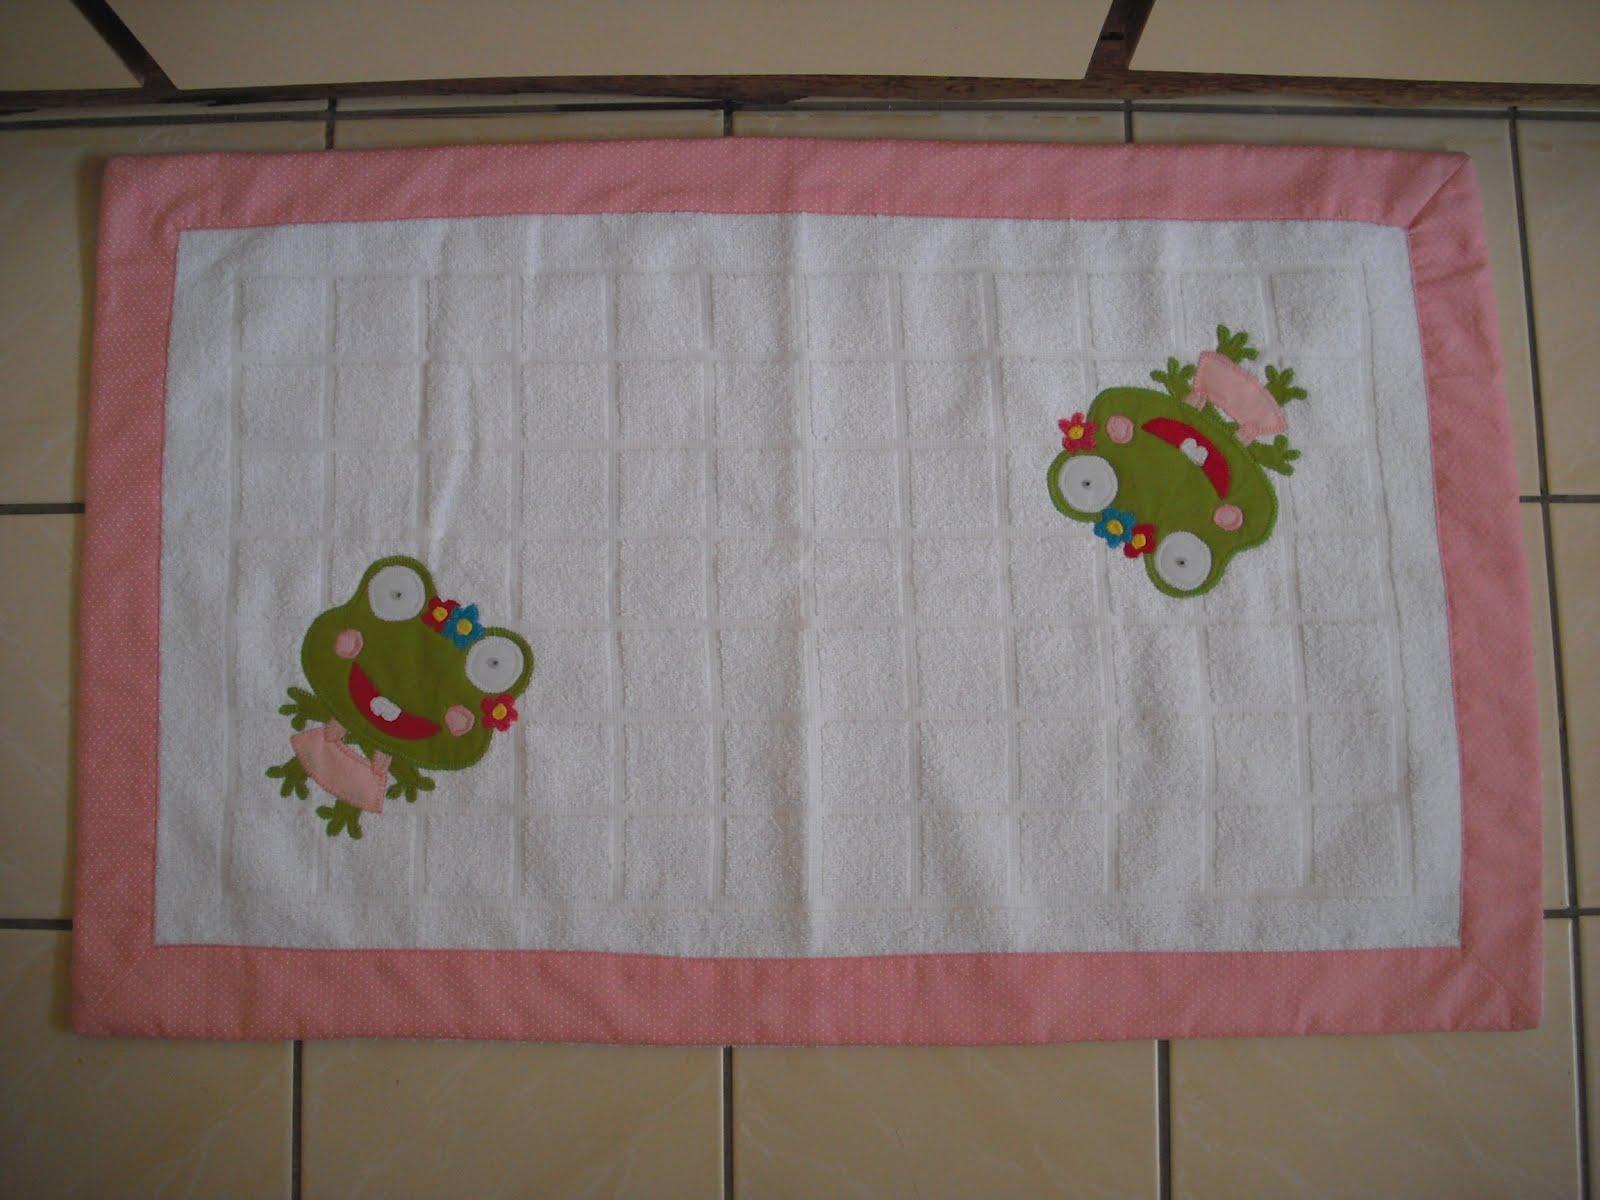 Patchwork Em Tapete De Banheiro : Patchwork em toalha e tapete para banheiro. Gra?a colorida para sua